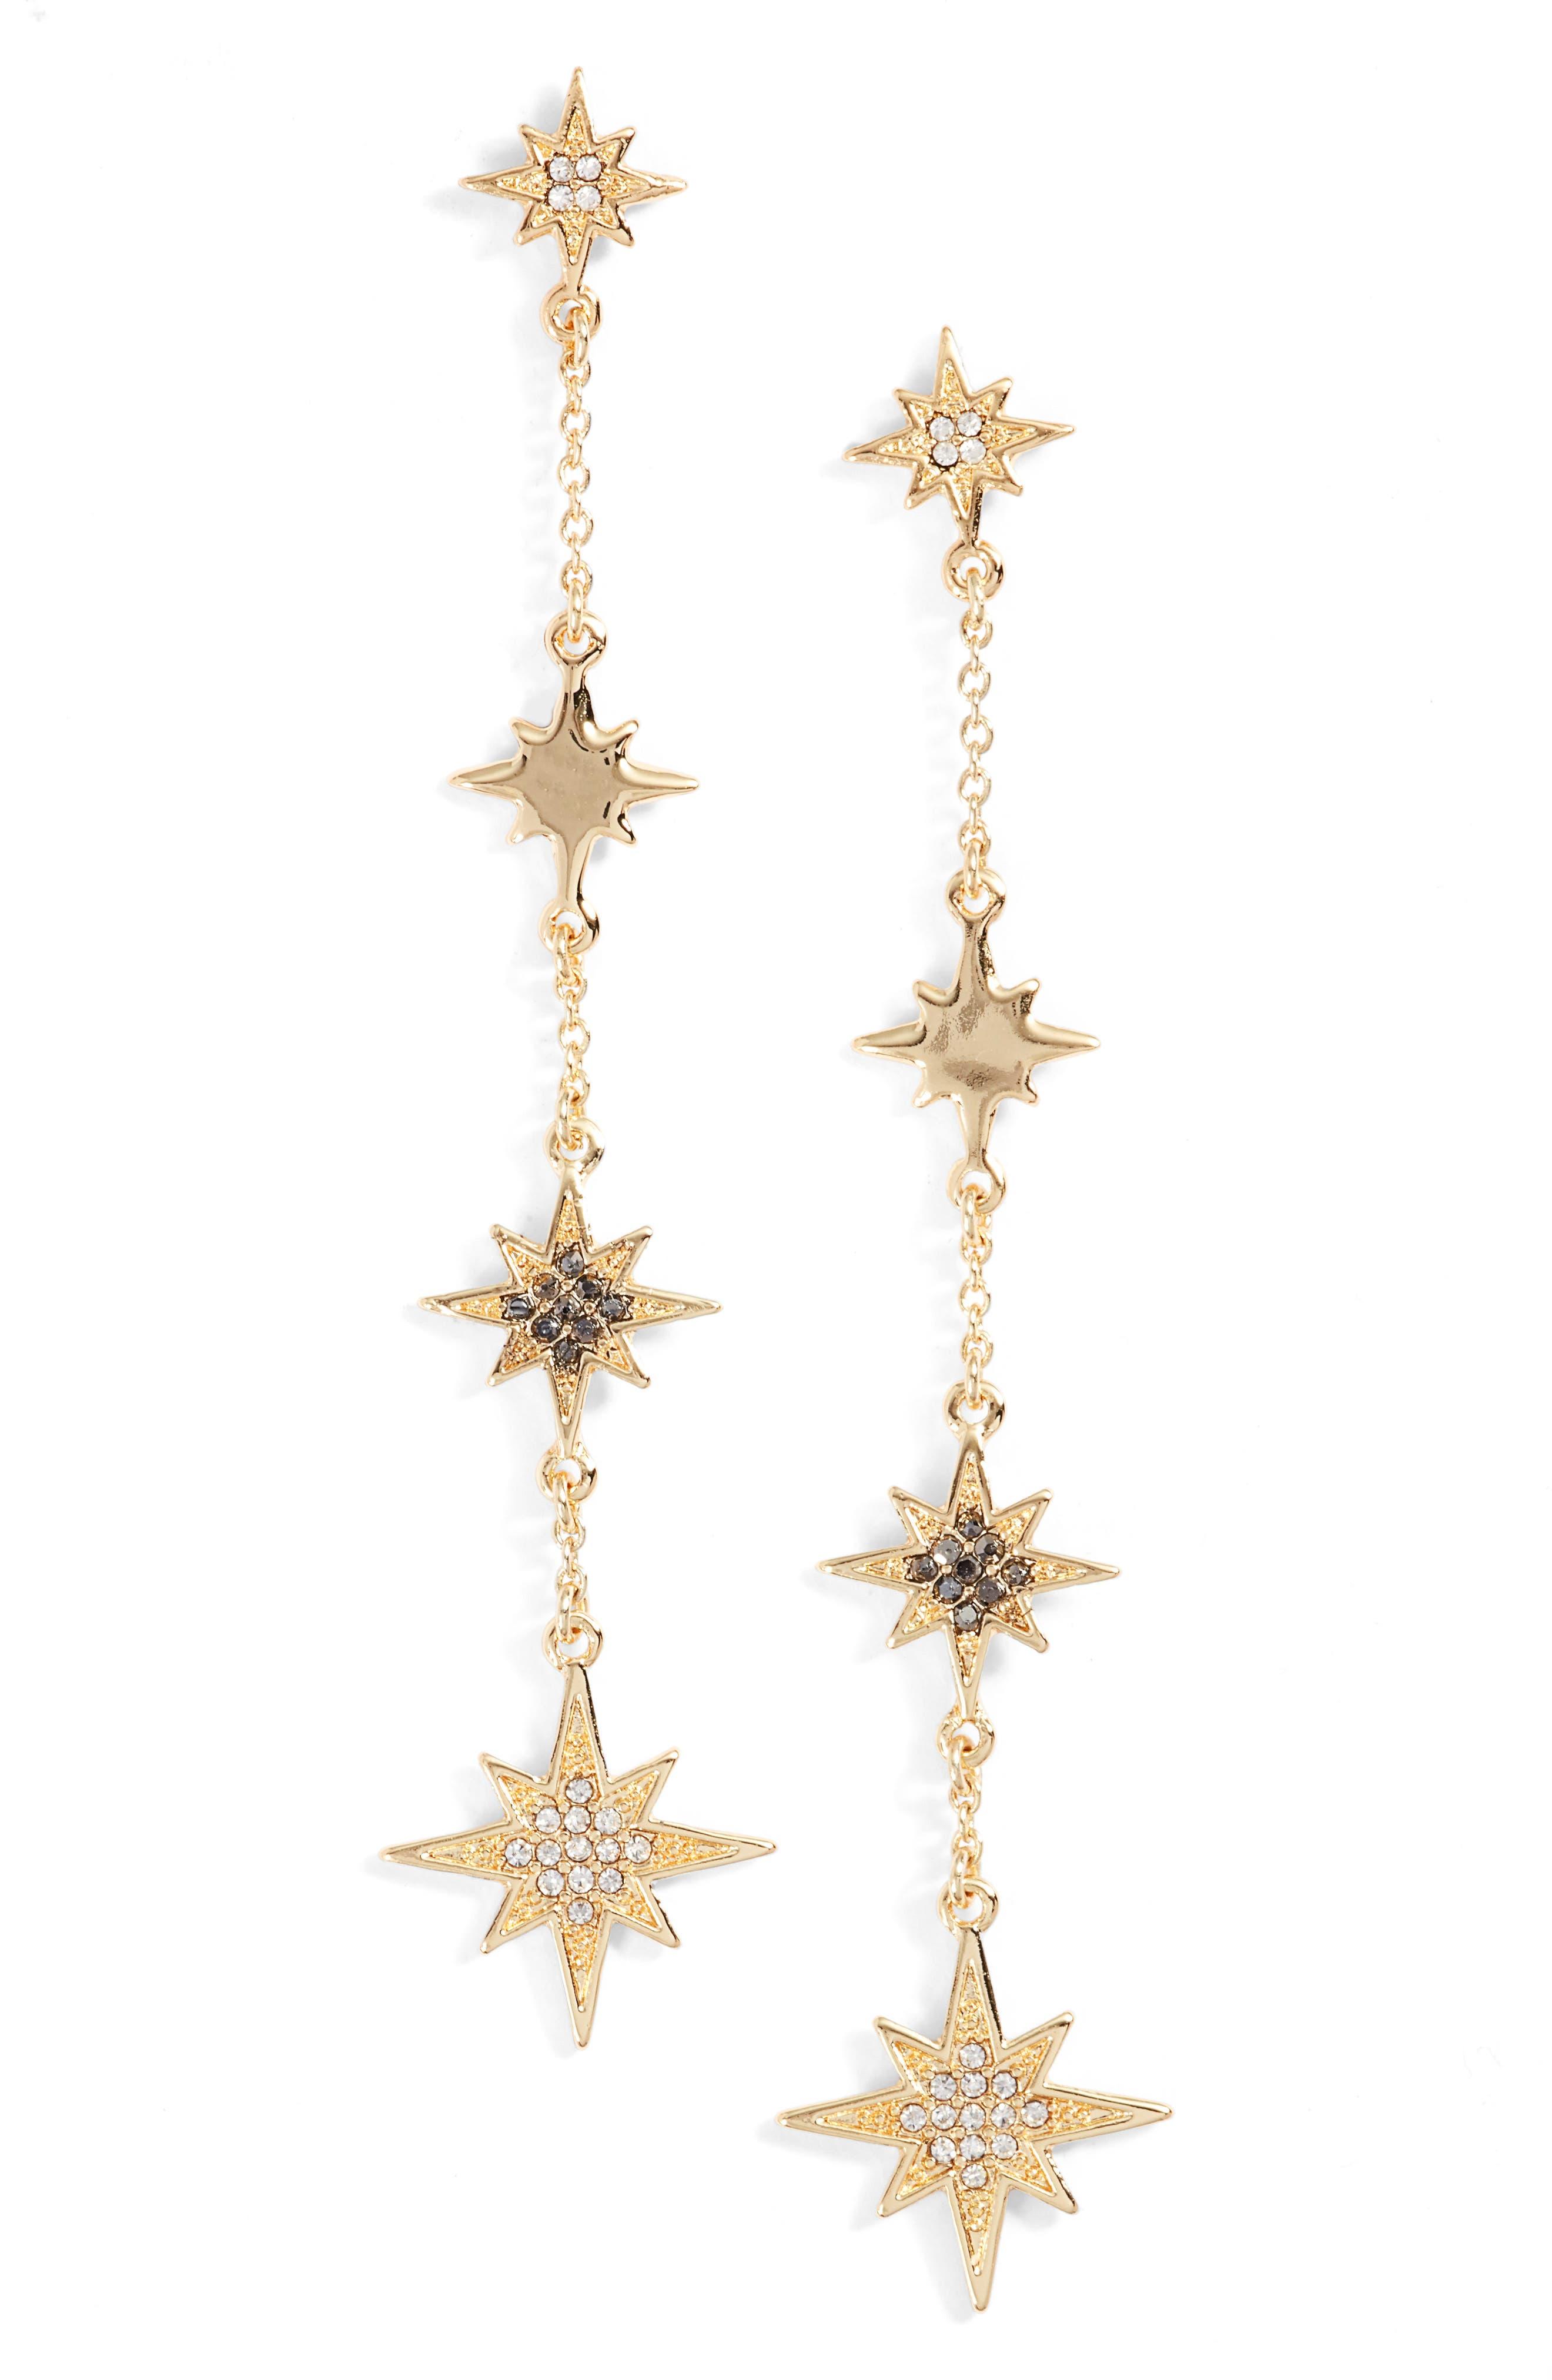 REBECCA MINKOFF Stargazing Night Sky Linear Earrings